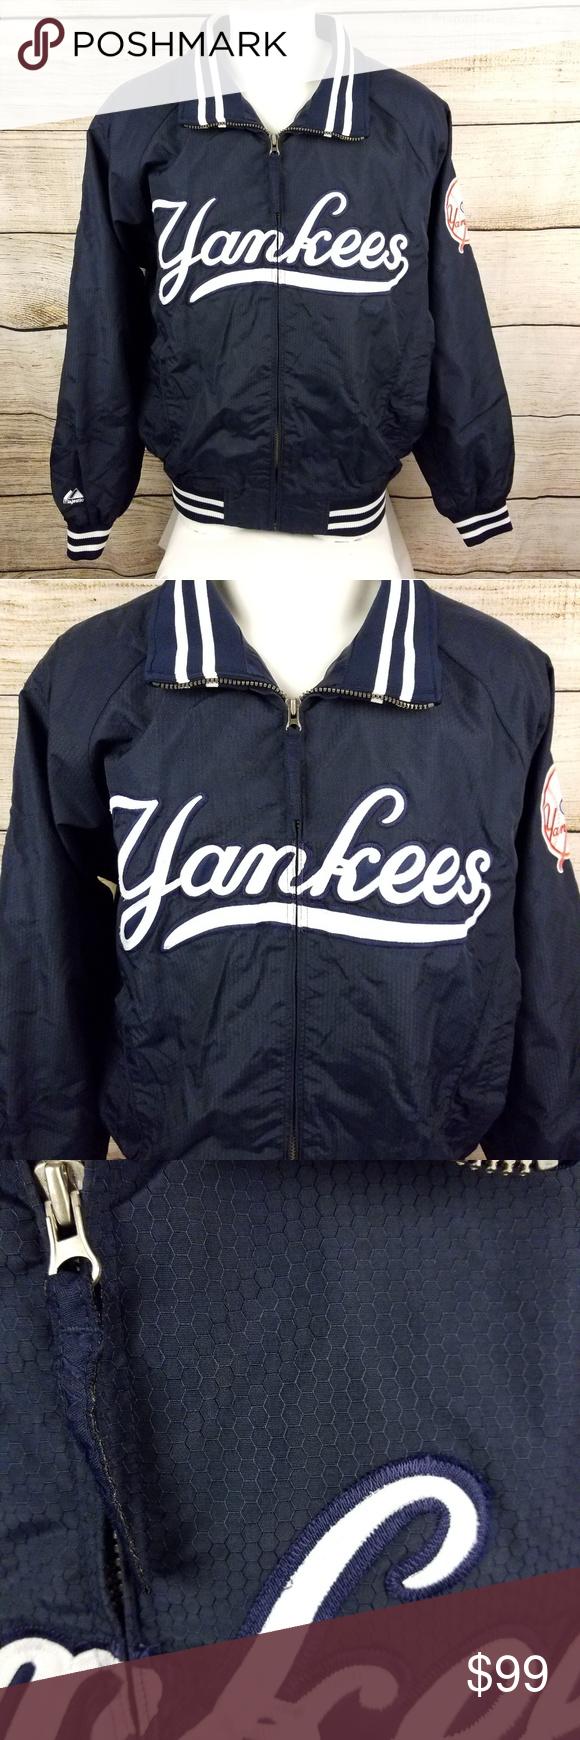 Majestic New York Yankees Jacket Large Jackets New York Yankees Yankees